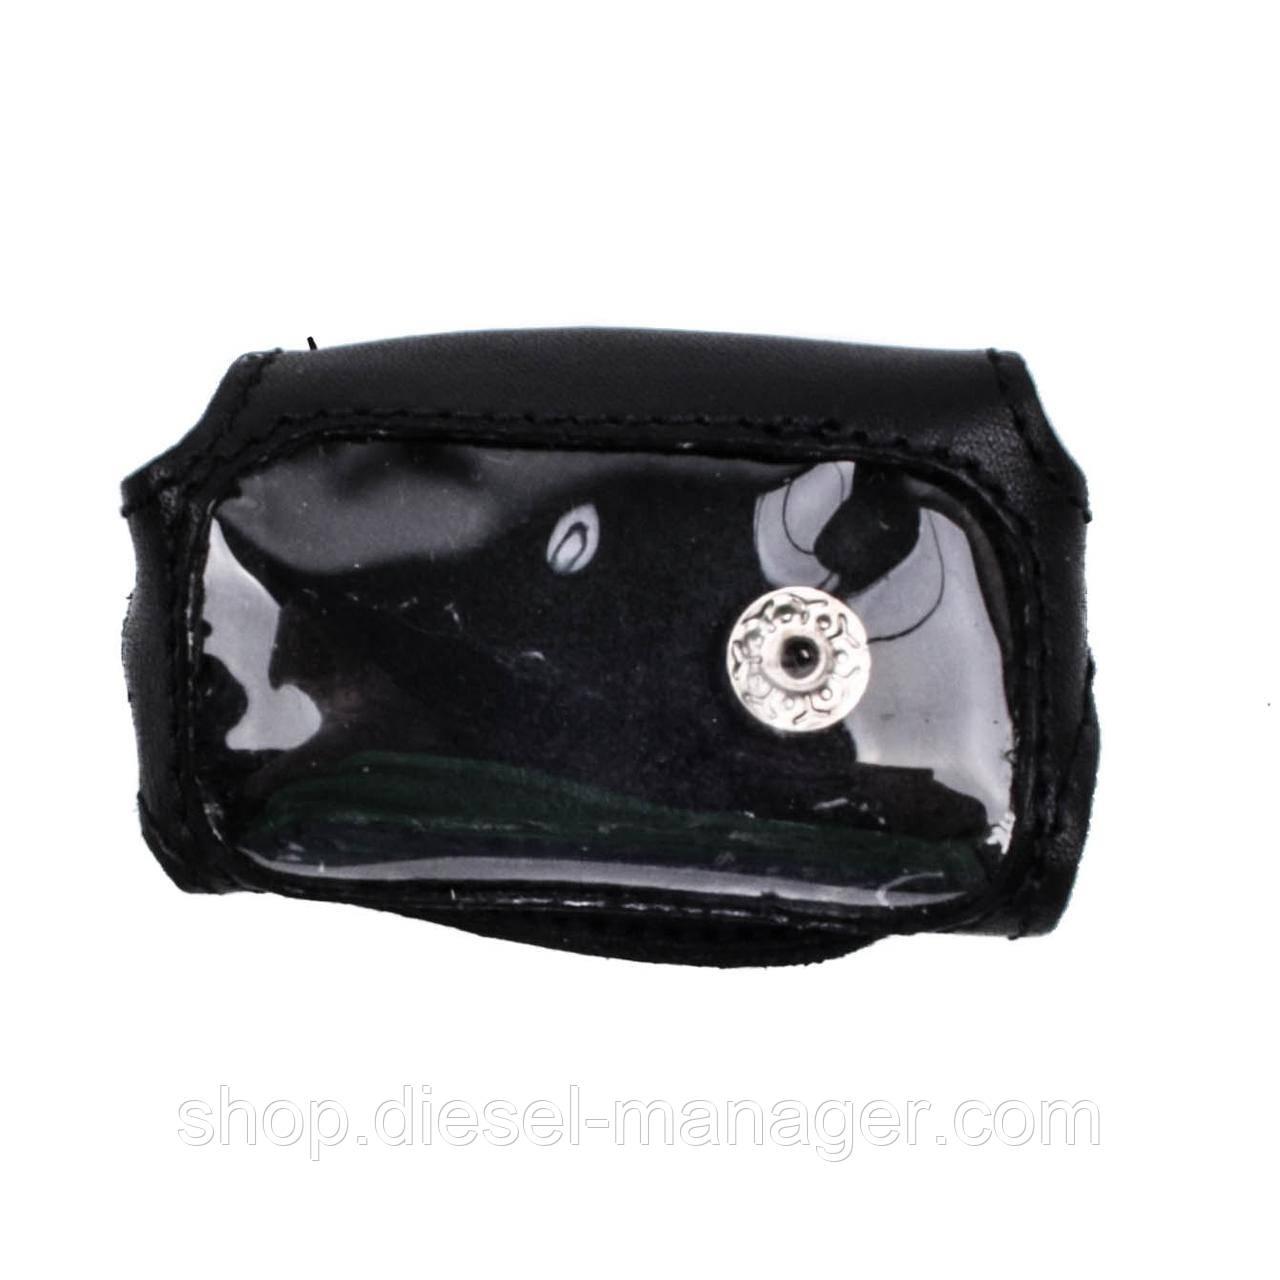 Кожаный чехол Valenta для брелока Davinci 300/377 Черный (РК441)